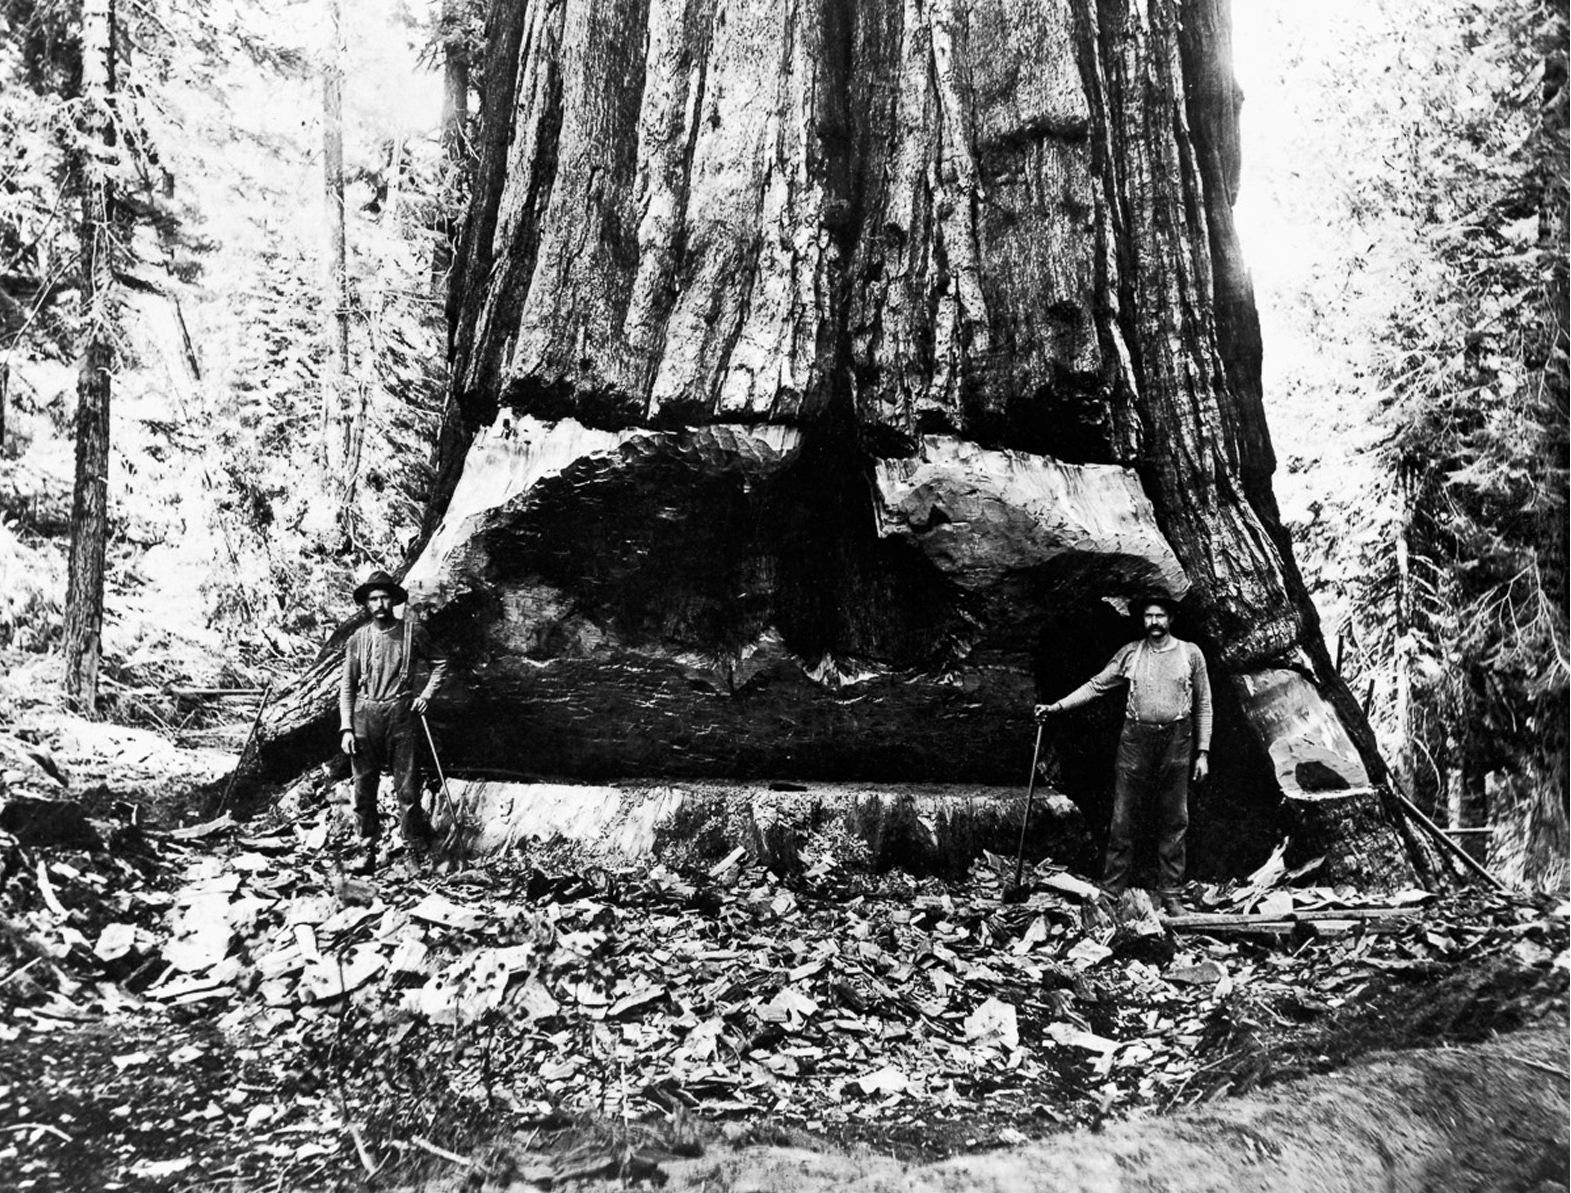 1902. Лесорубы подпилили гигантскую секвойю 25-футов в диаметре, чтобы ее повалить. Северная Калифорния